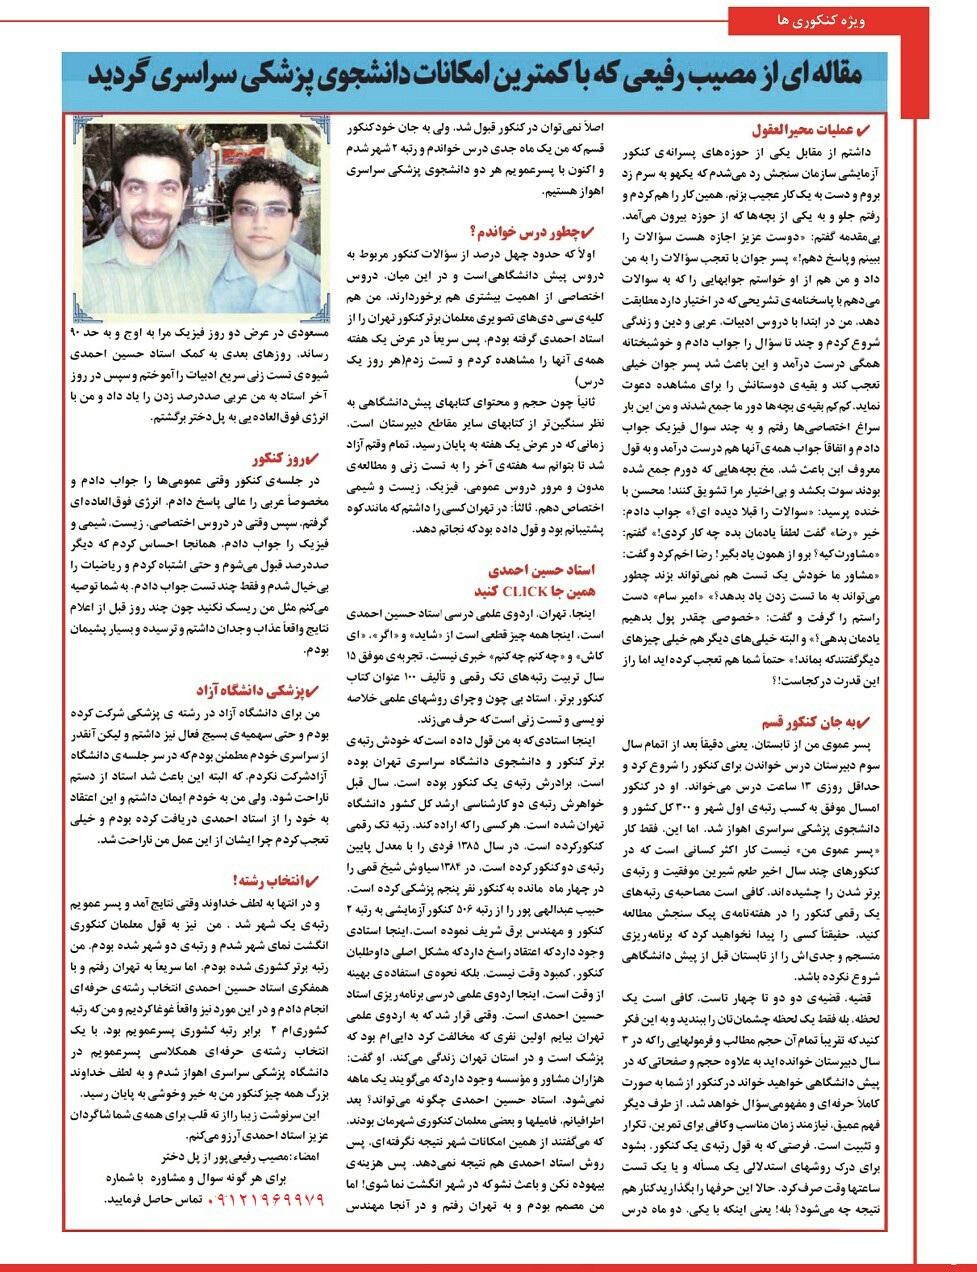 مقاله ای از مصیب رفیعی پور